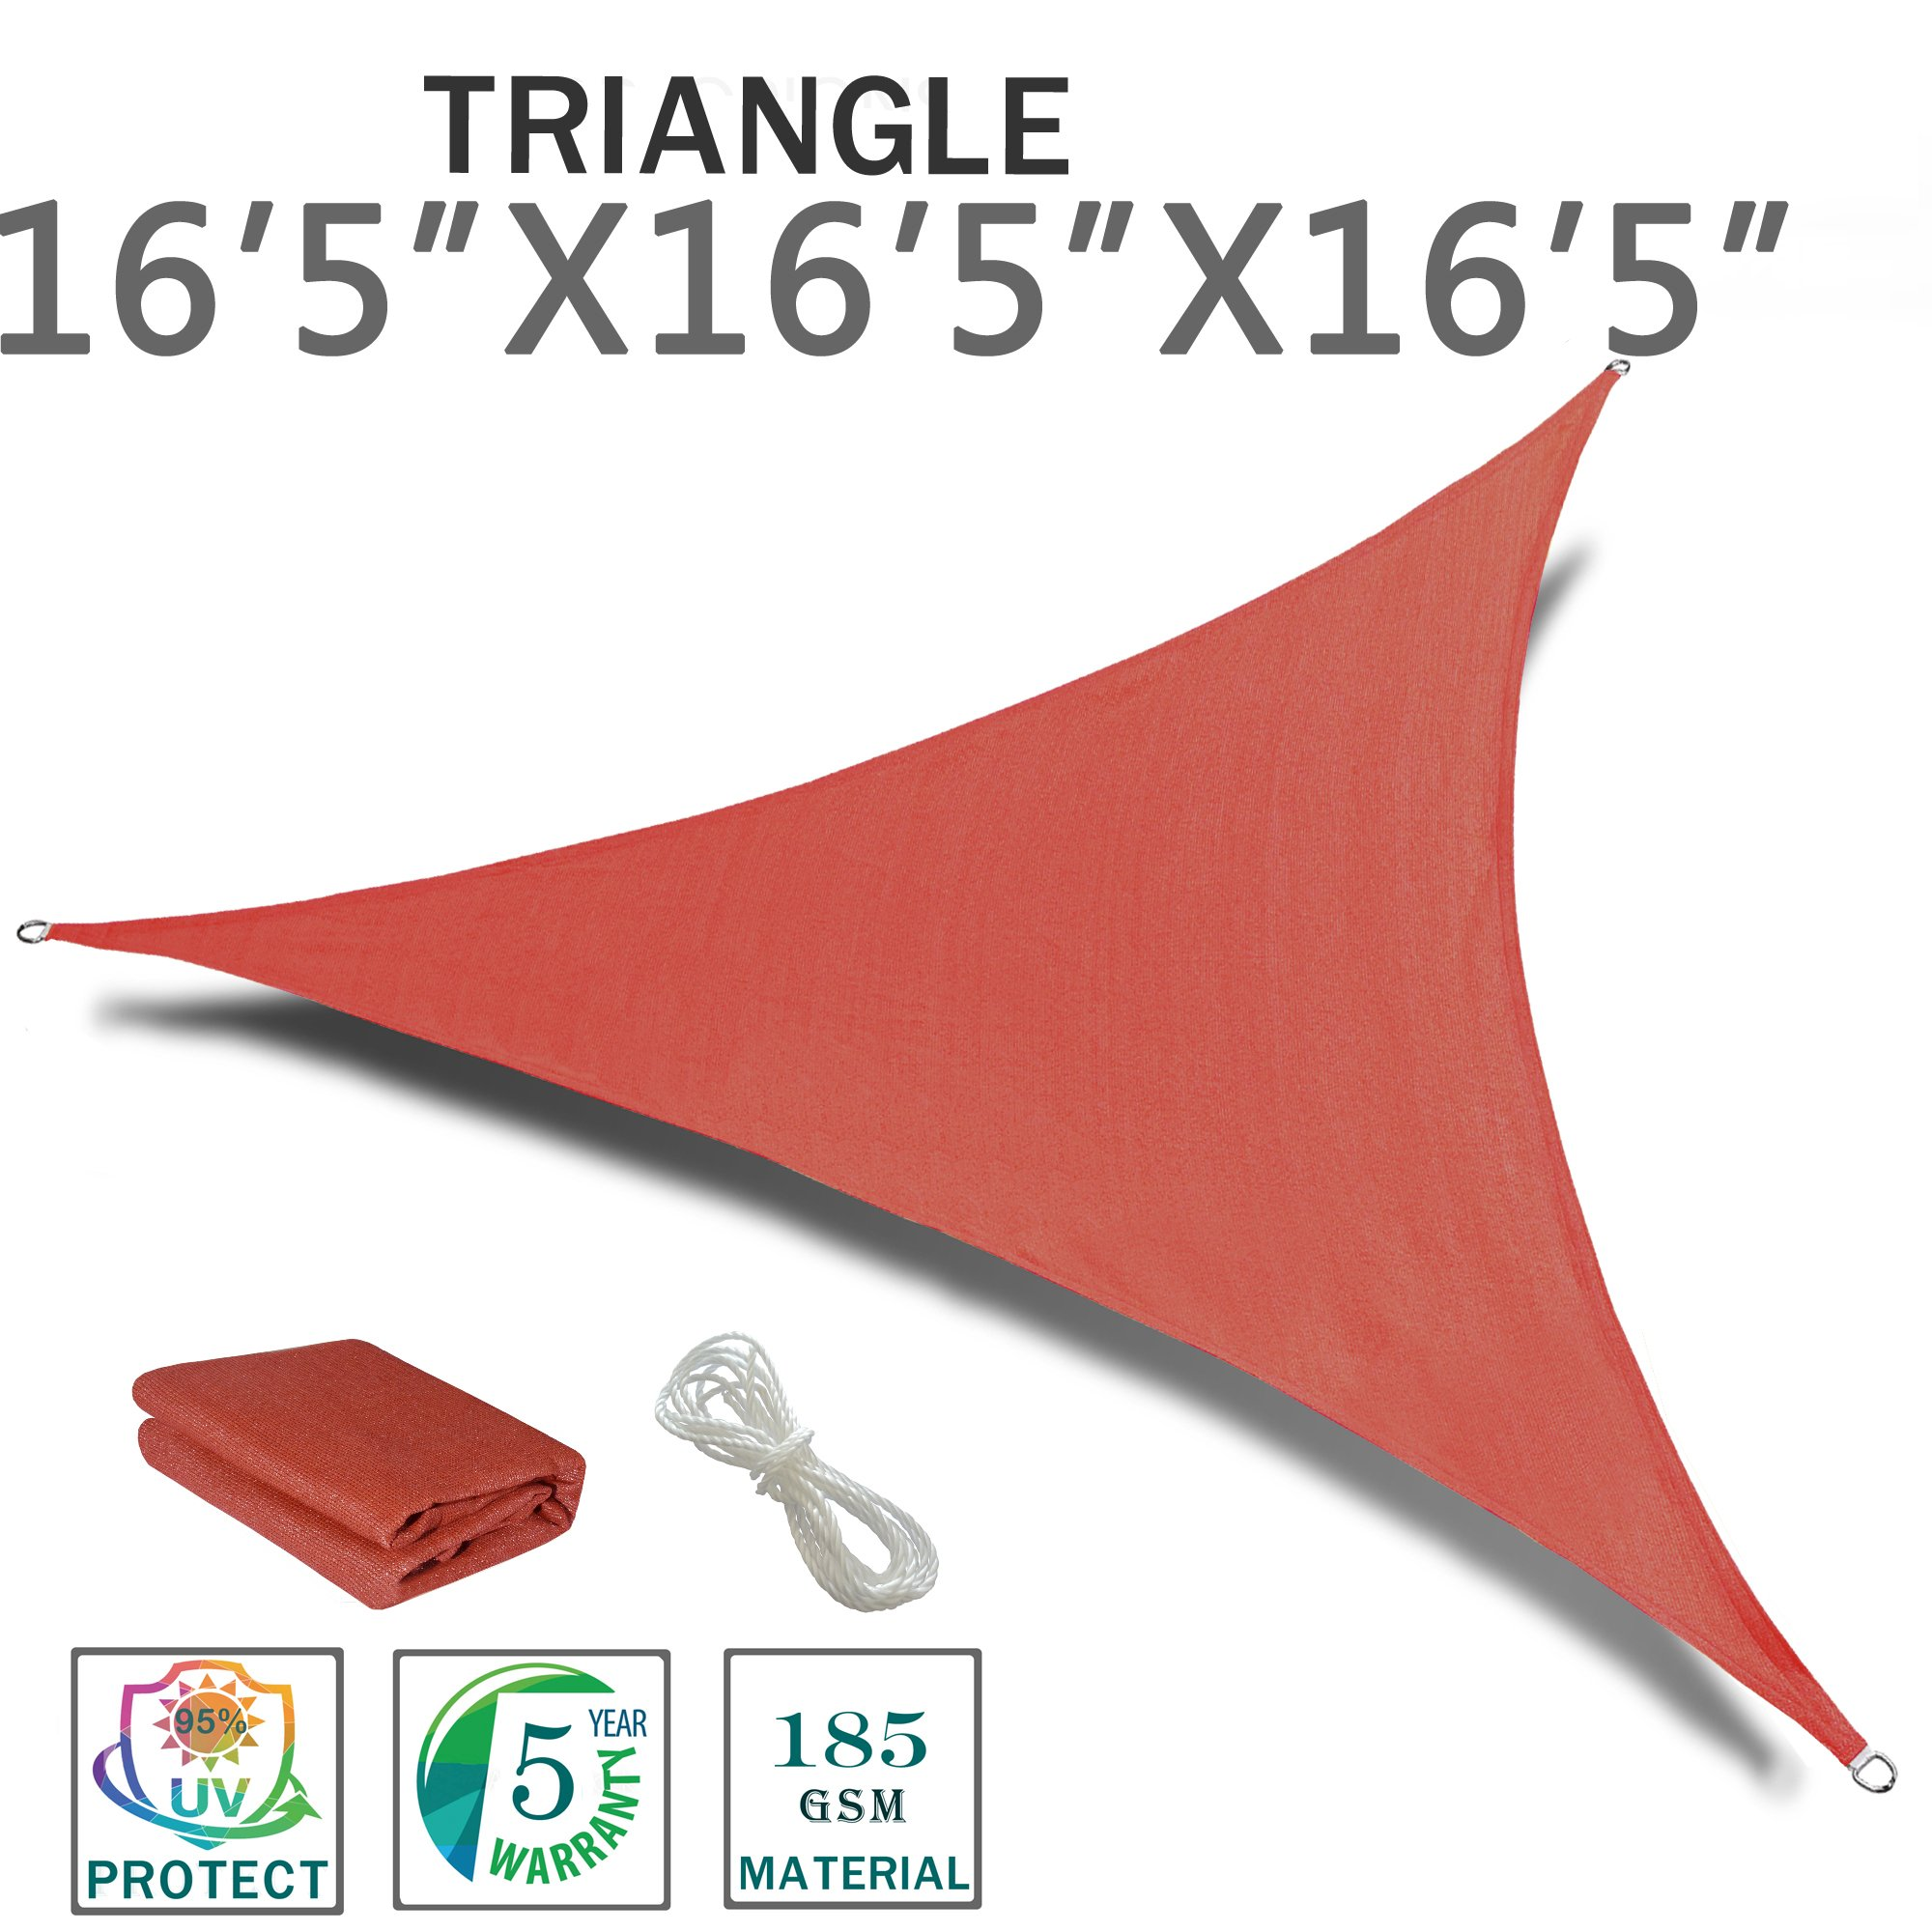 SUNNY GUARD 16'5'' x 16'5'' x 16'5'' Terra Triangle Sun Shade Sail UV Block for Outdoor Patio Garden